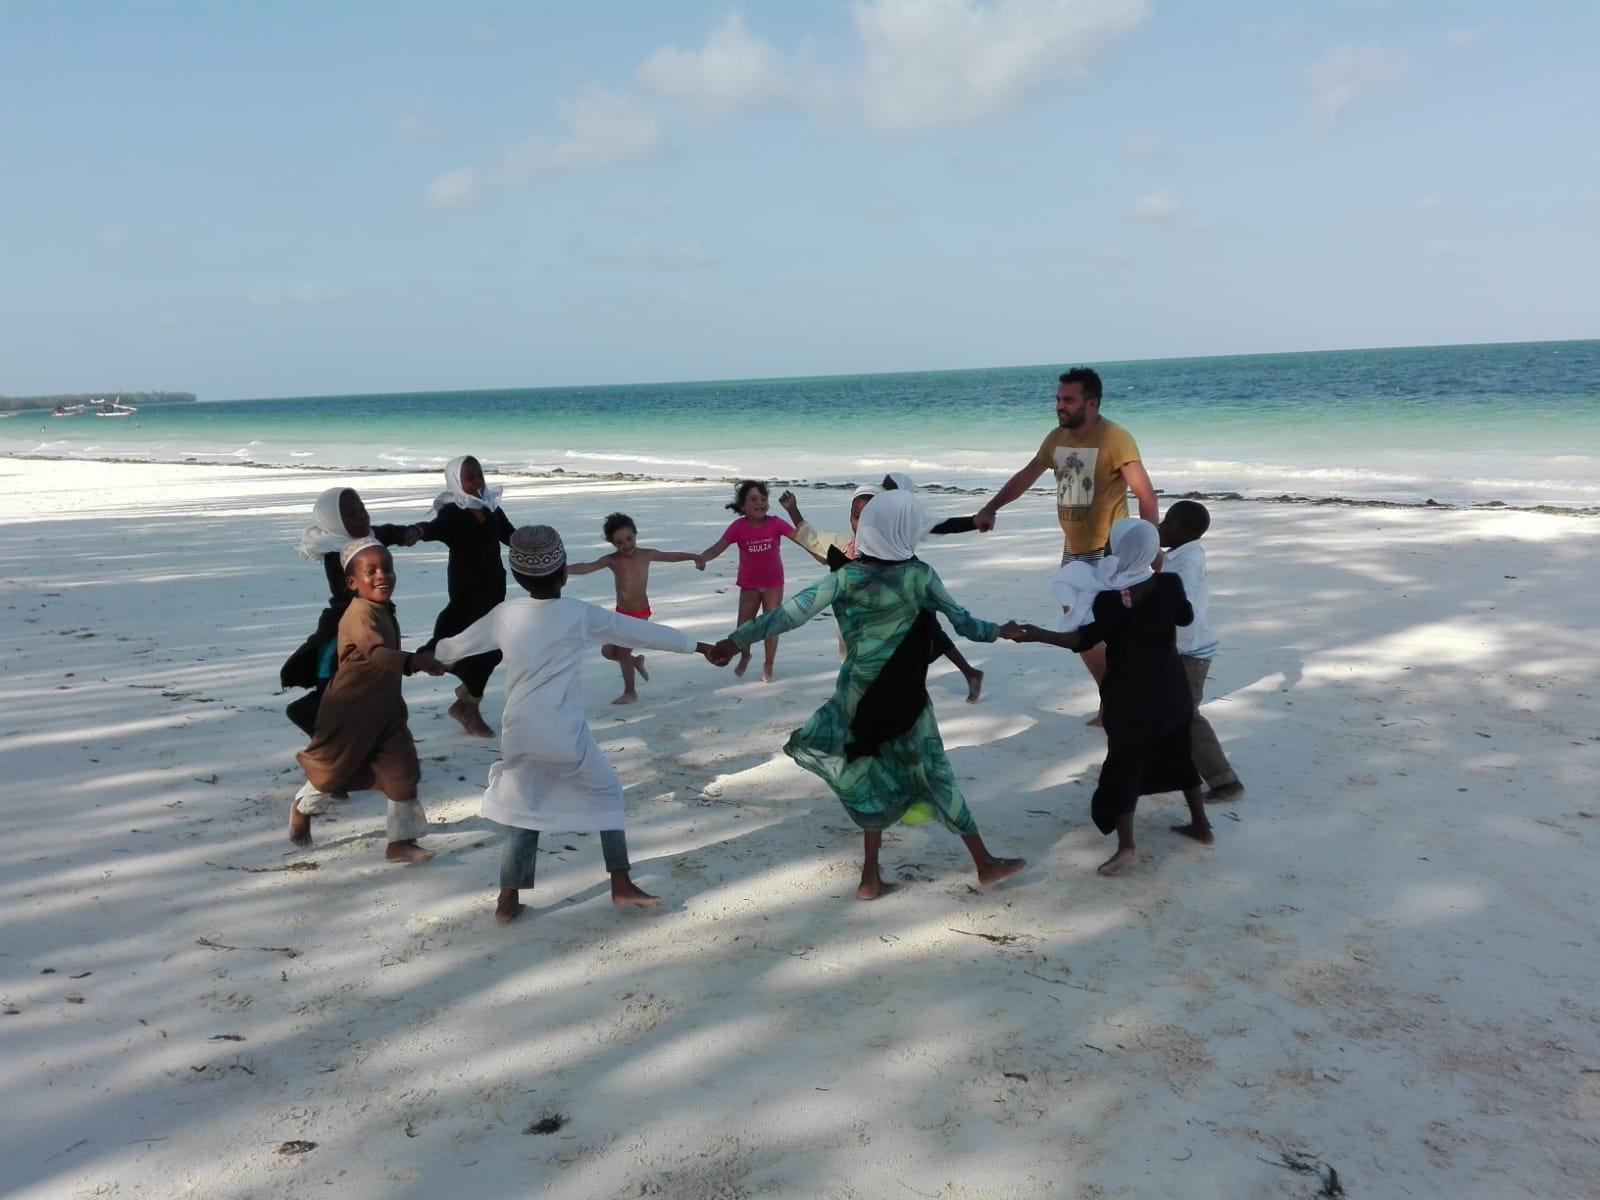 10 cose da fare a Zanzibar - giocare con i bimbi